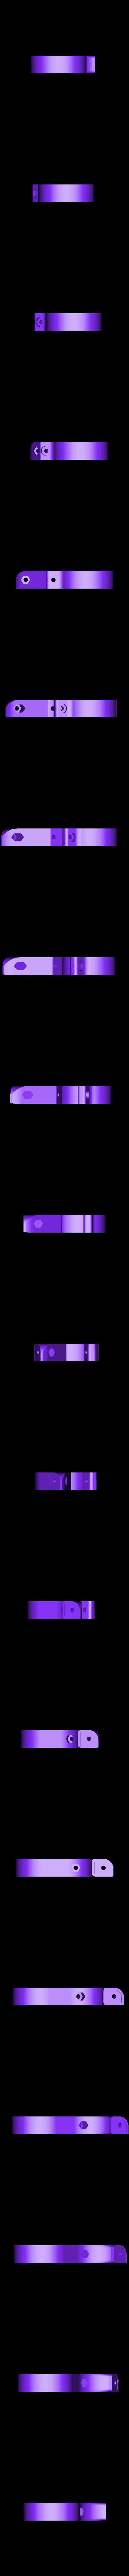 CATCHAIN_main_1.stl Télécharger fichier STL gratuit L'attrapeur de chaîne de vélo • Plan imprimable en 3D, eried